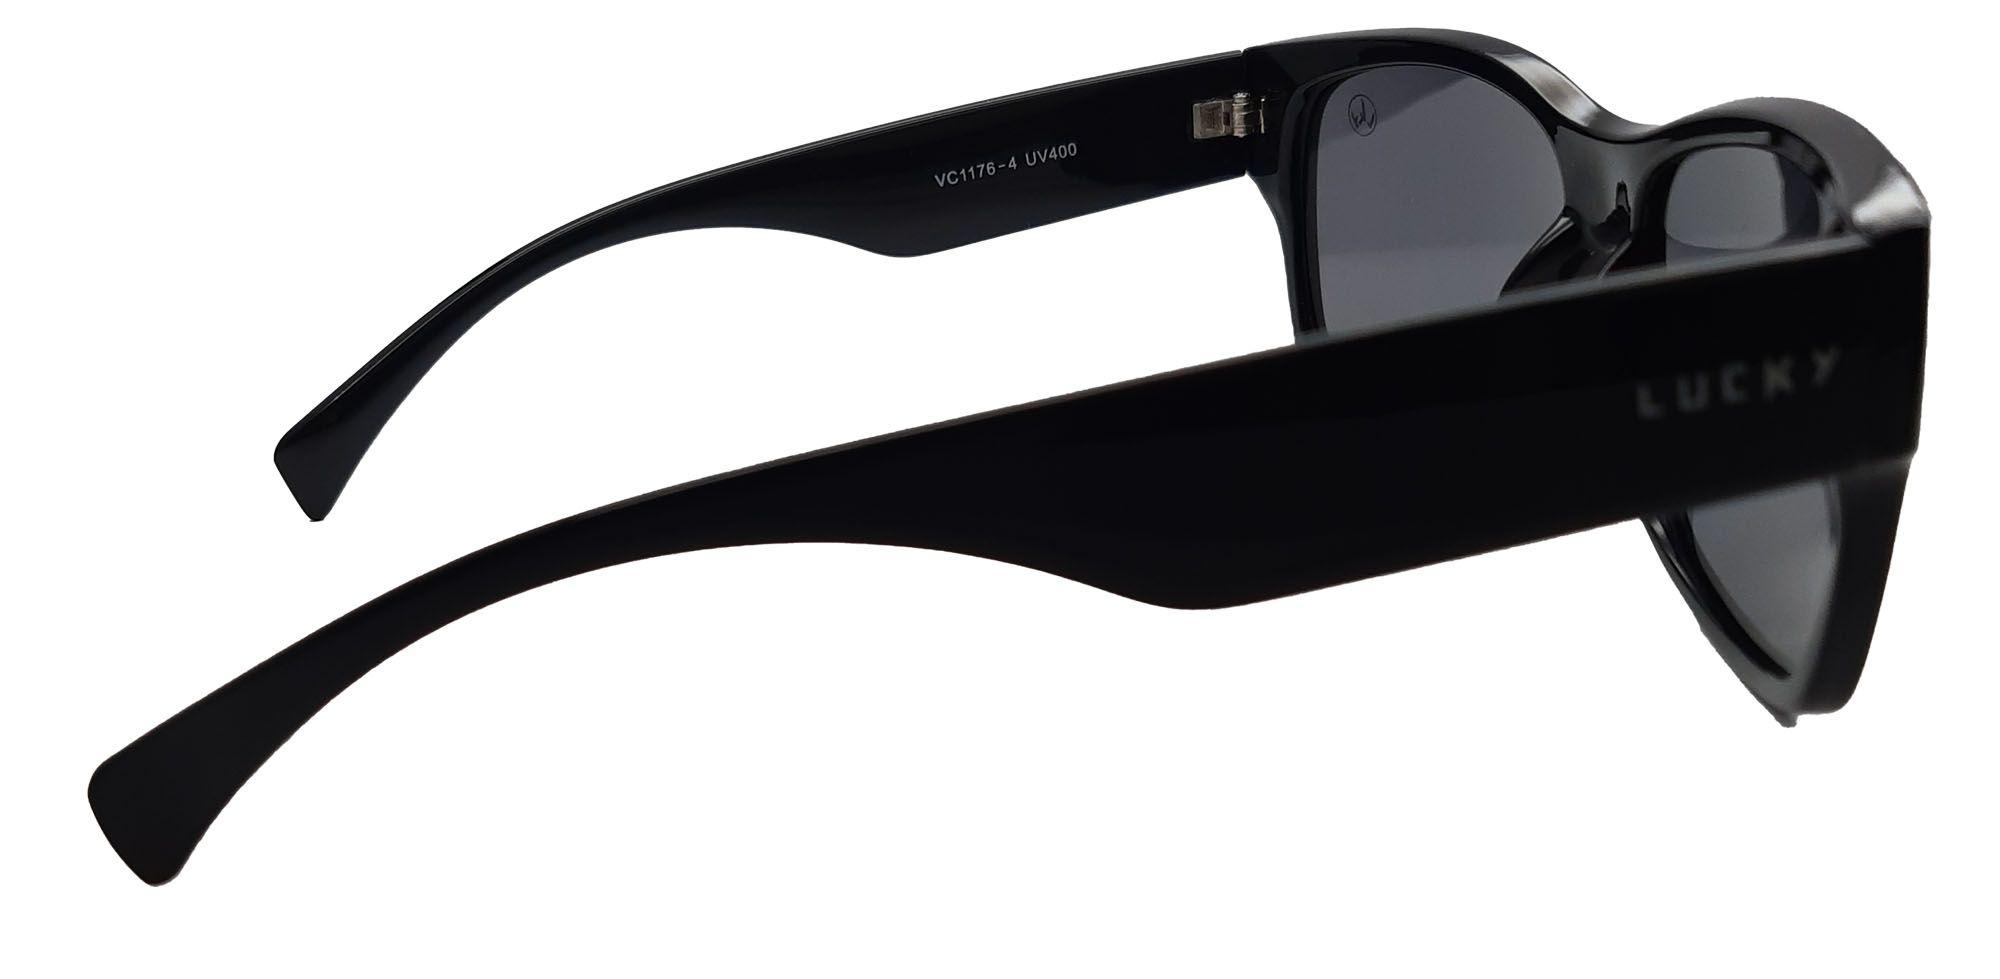 Óculos de sol polarizado Lucky1176